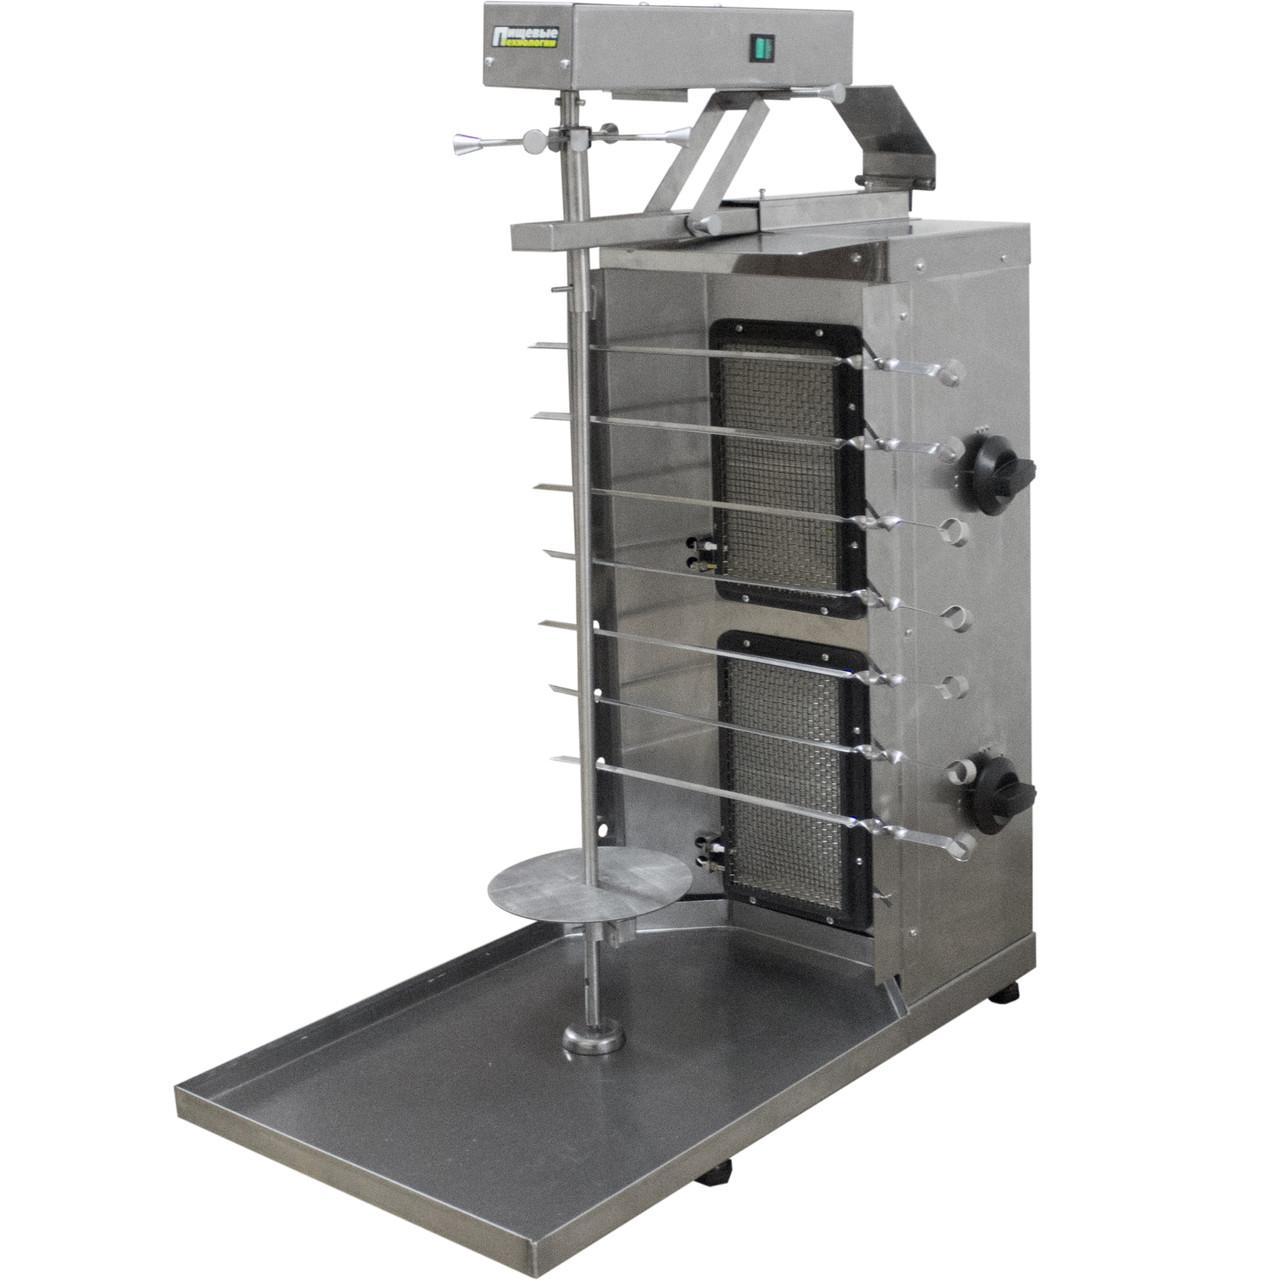 Донер аппарат. Шаурма-шашлычница газовая ШШГ-2-2-М (515х770х970(990) мм, 220В, 2 газ.горелки, с мотором)